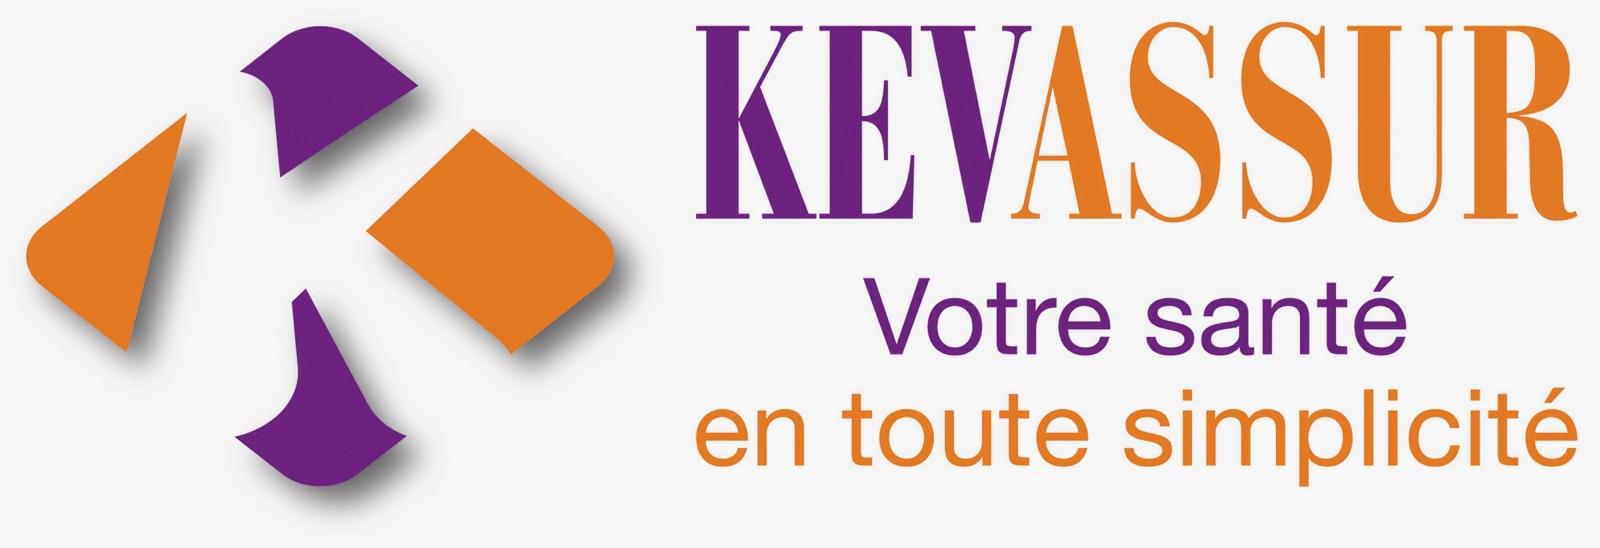 KEVASSUR